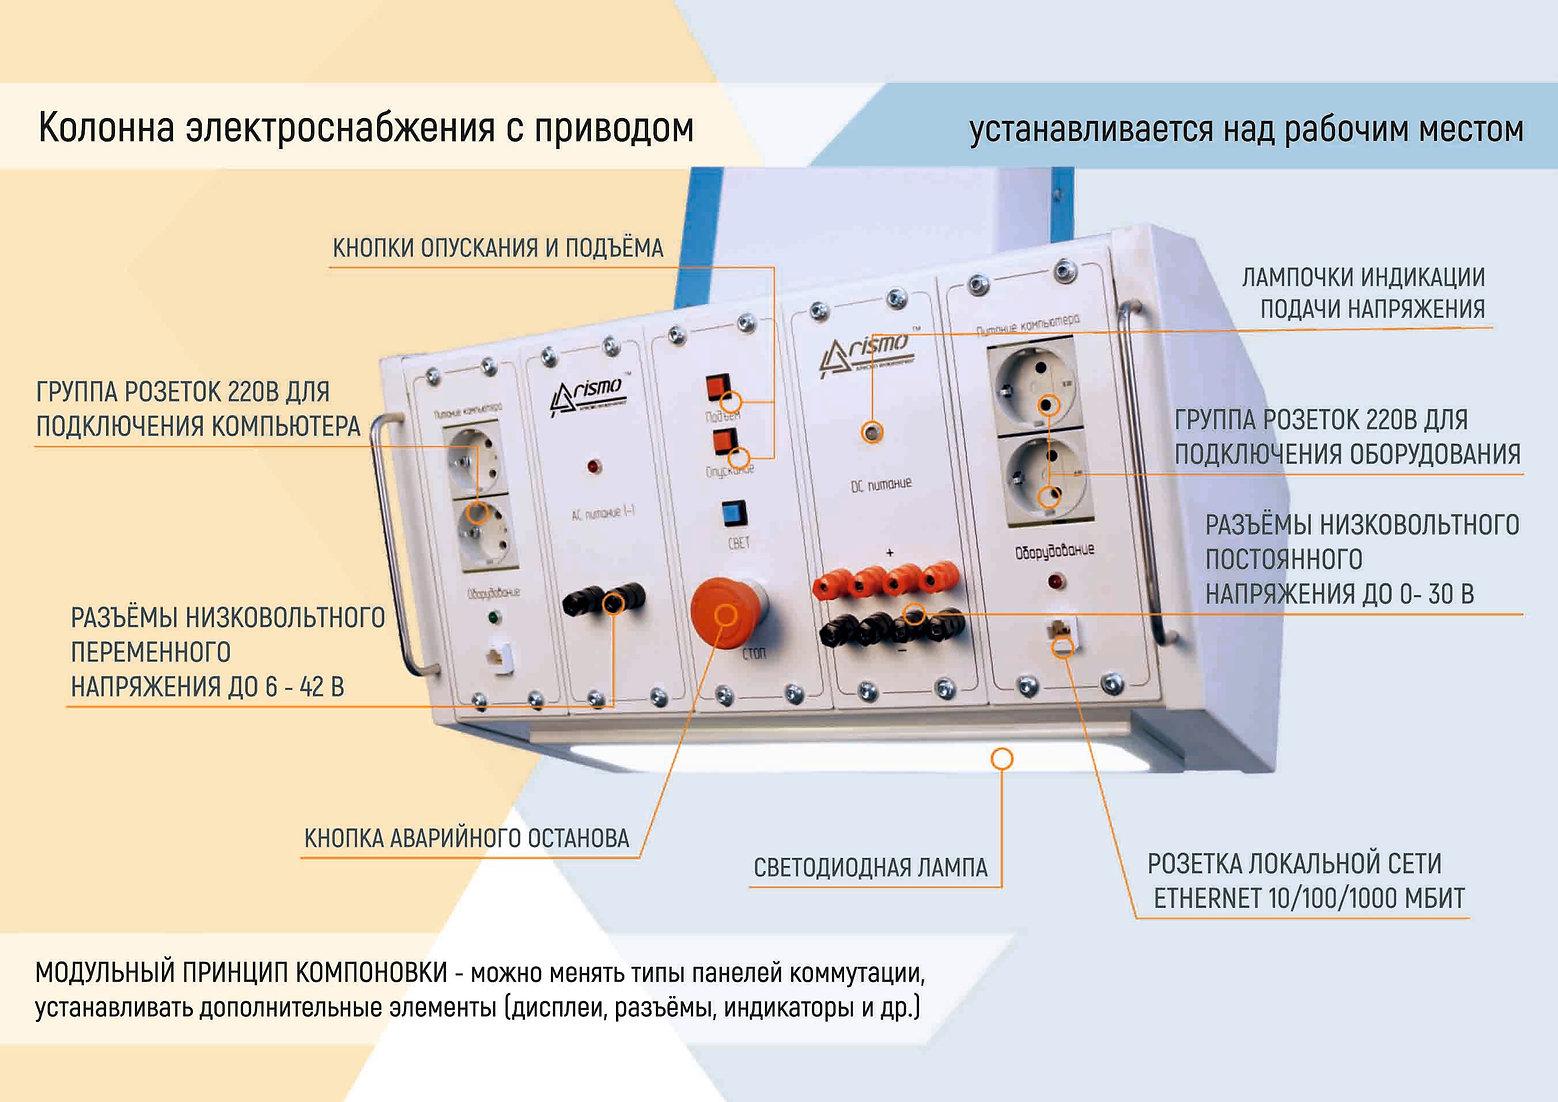 Потолочная система электроснабжения